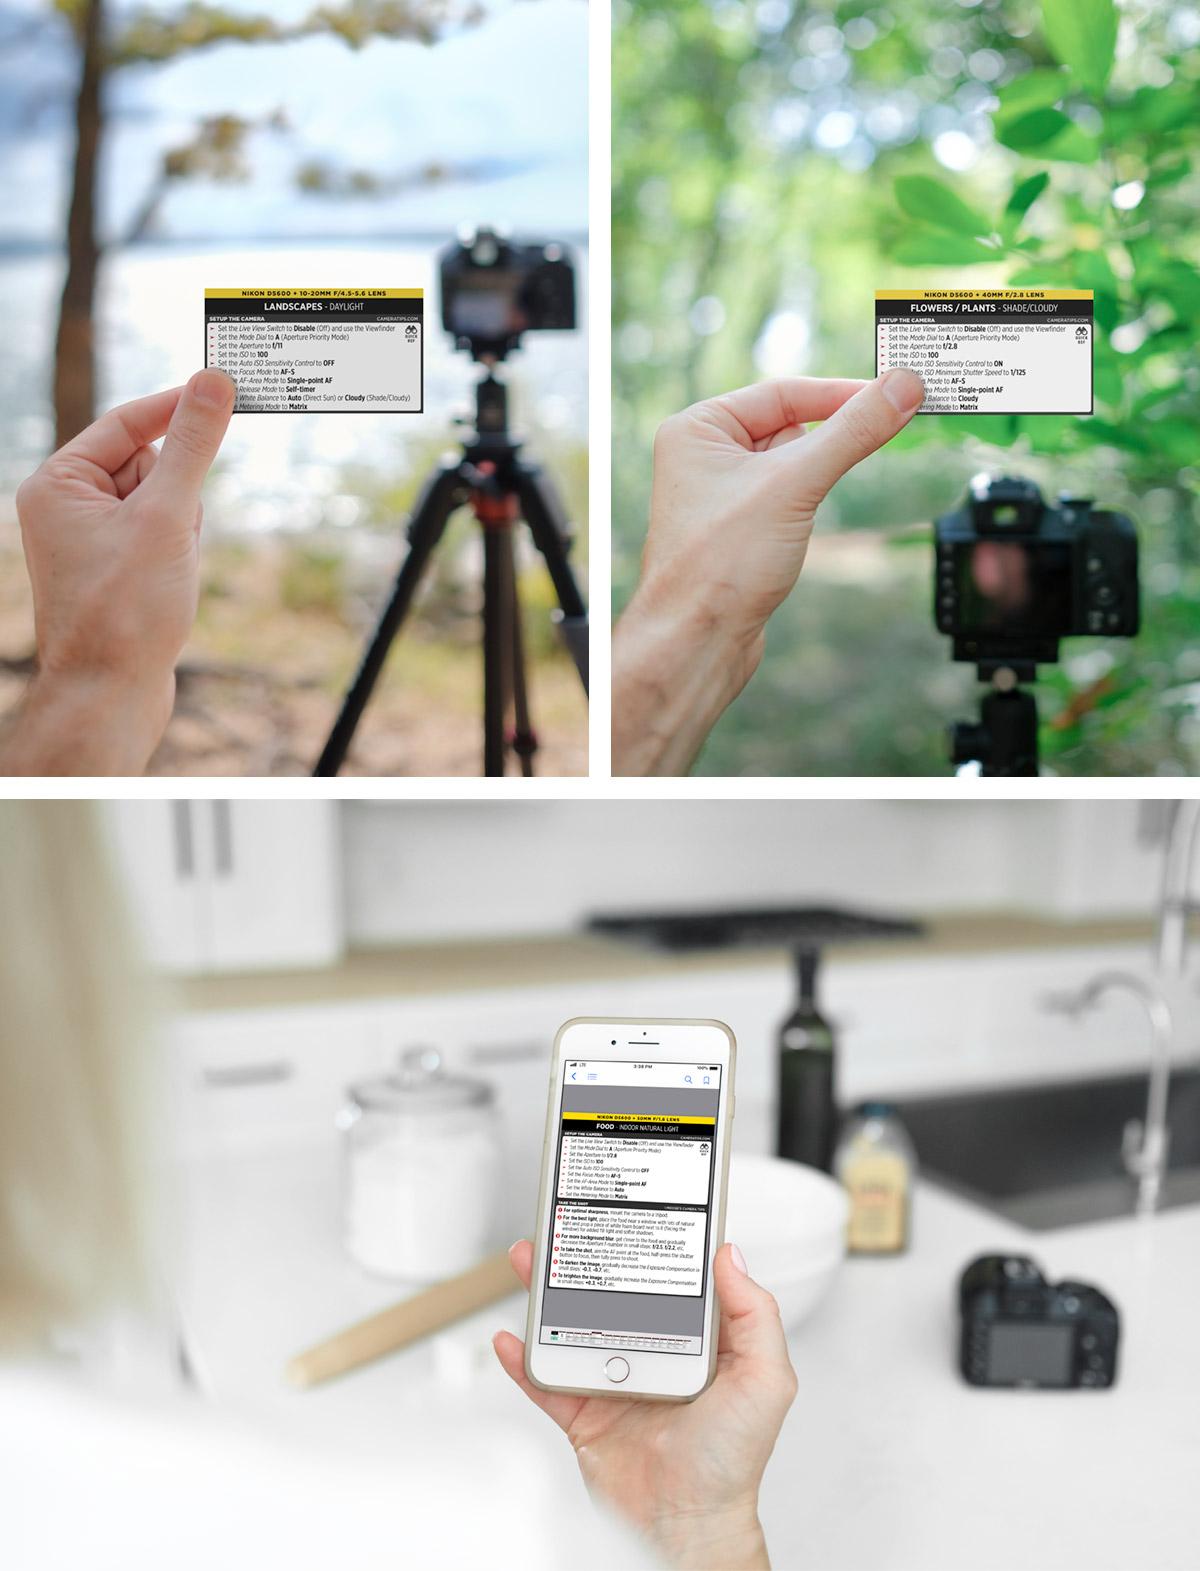 Nikon D5600 Cheat Sheet | Best Settings for the Nikon D5600